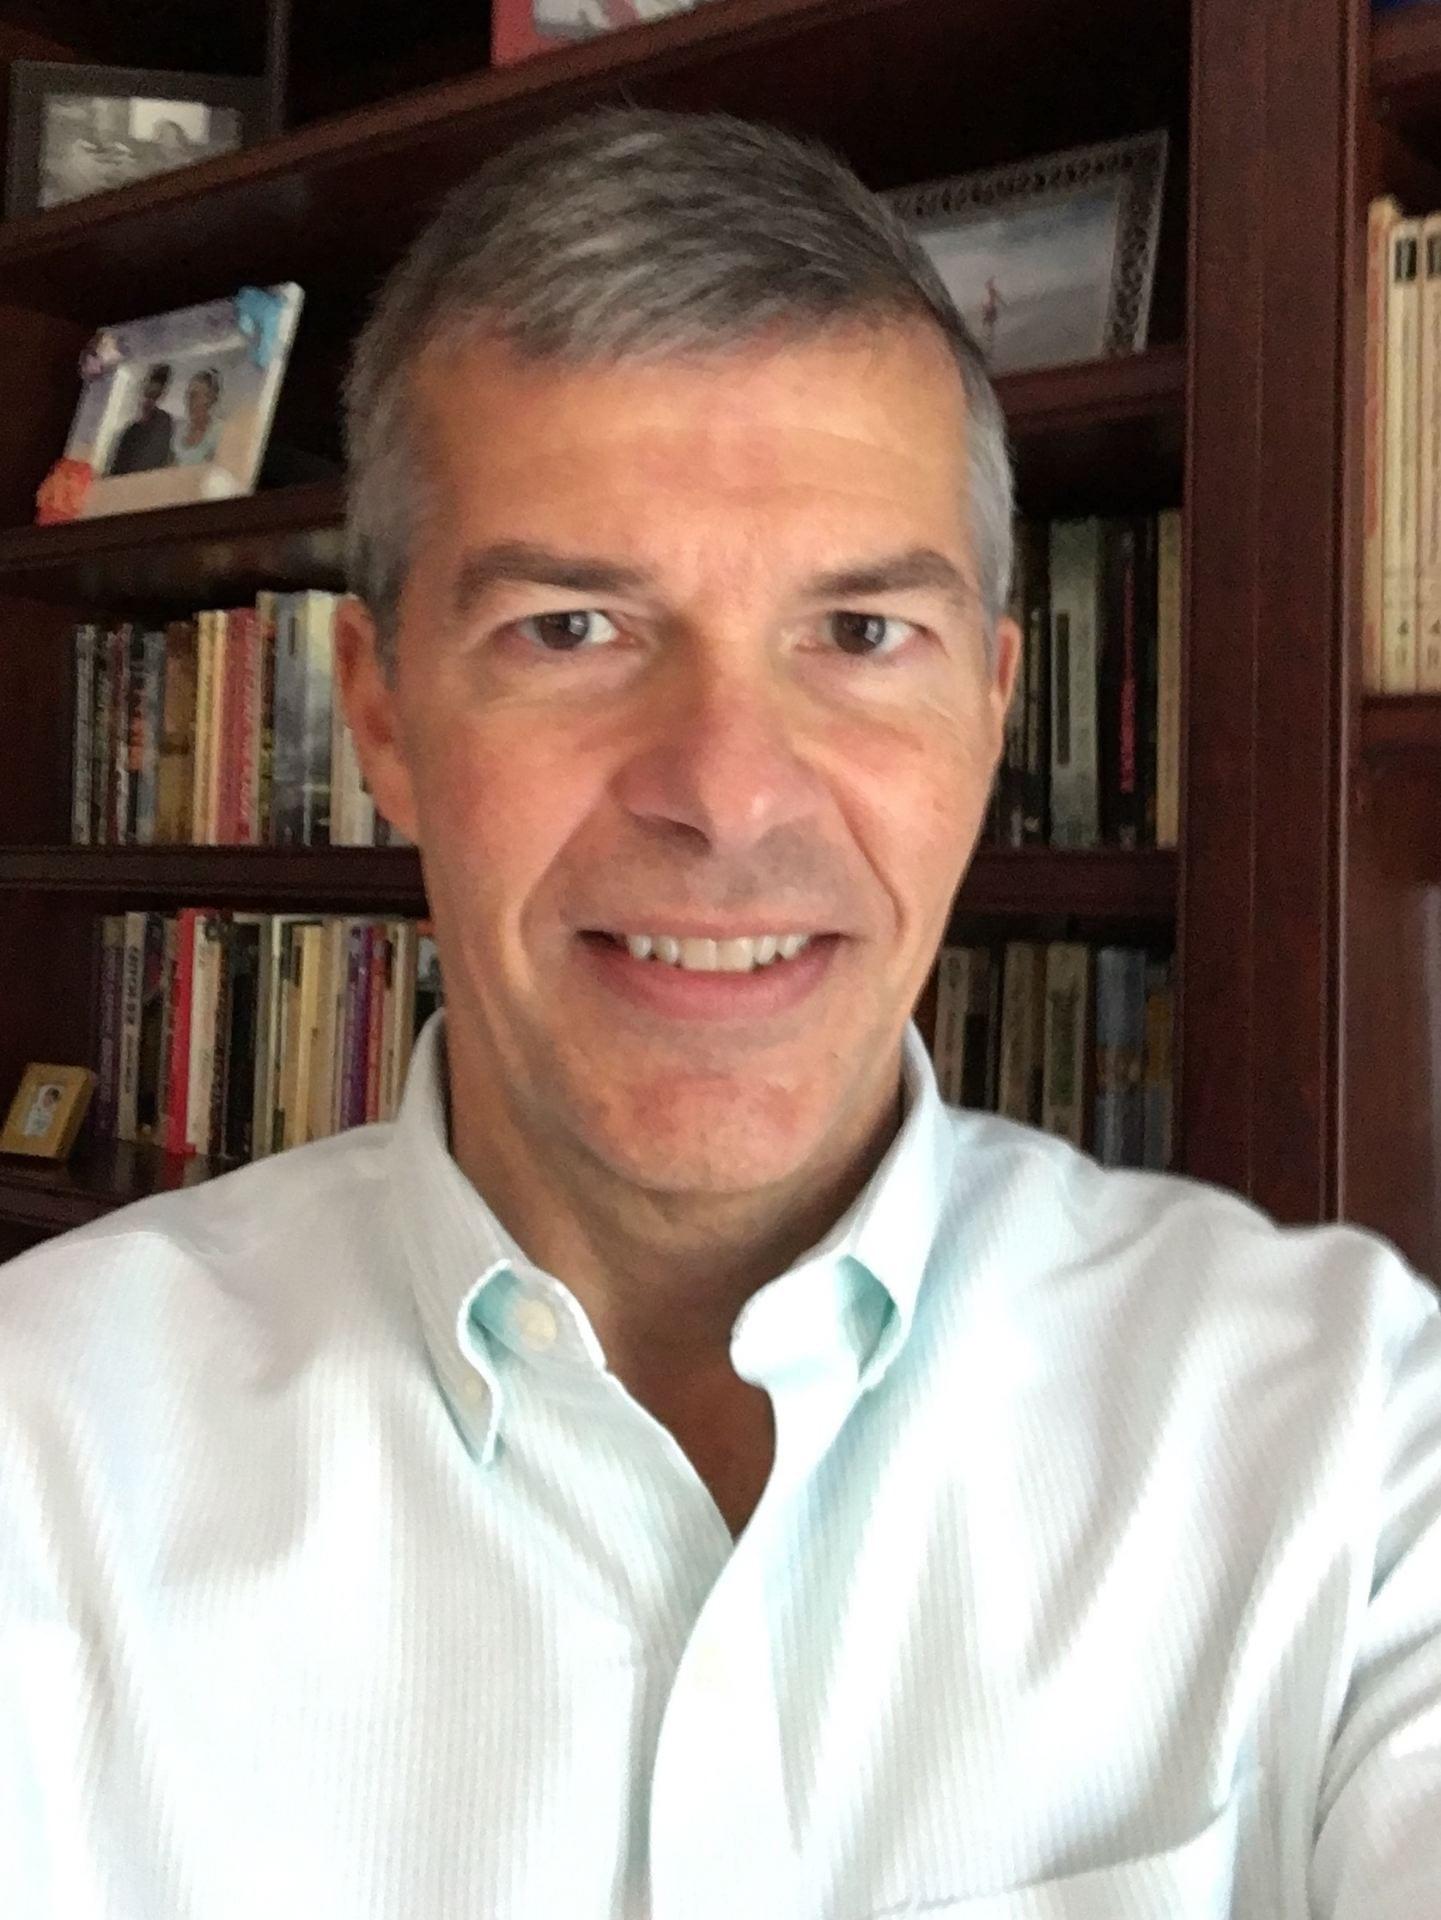 Stephen Esser